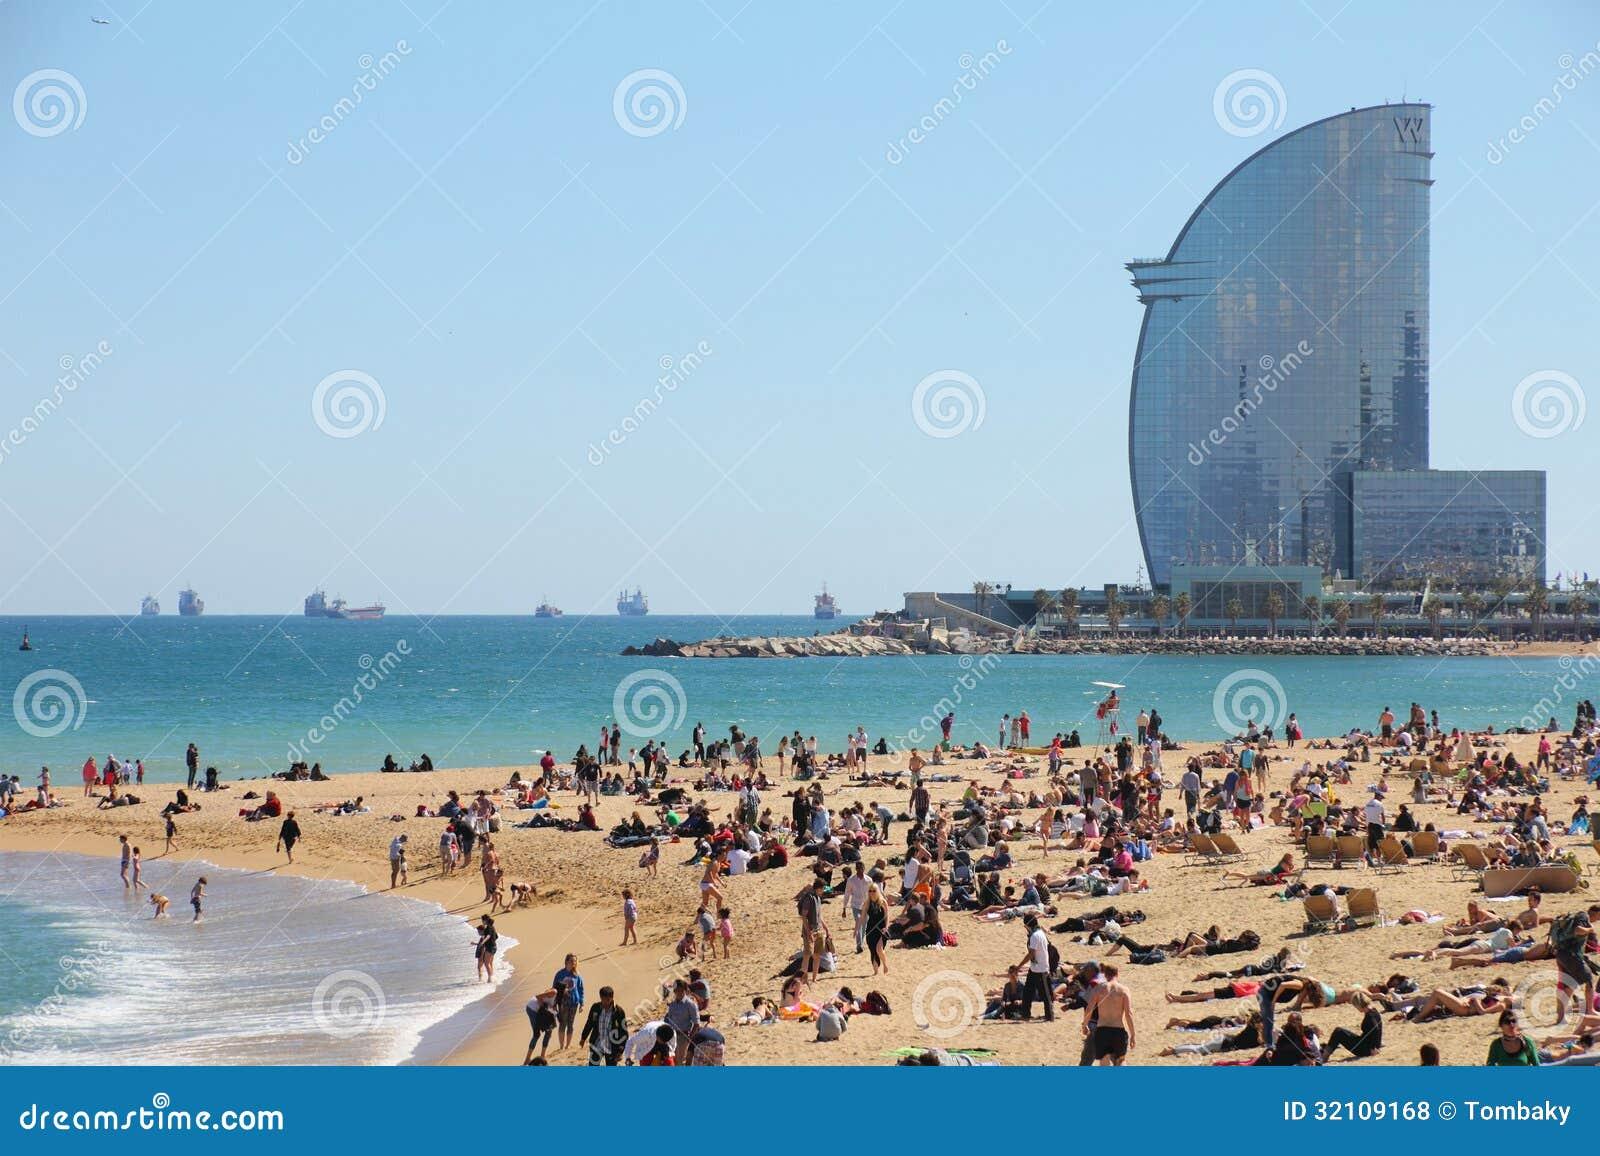 Barcelona, city beach, Spain